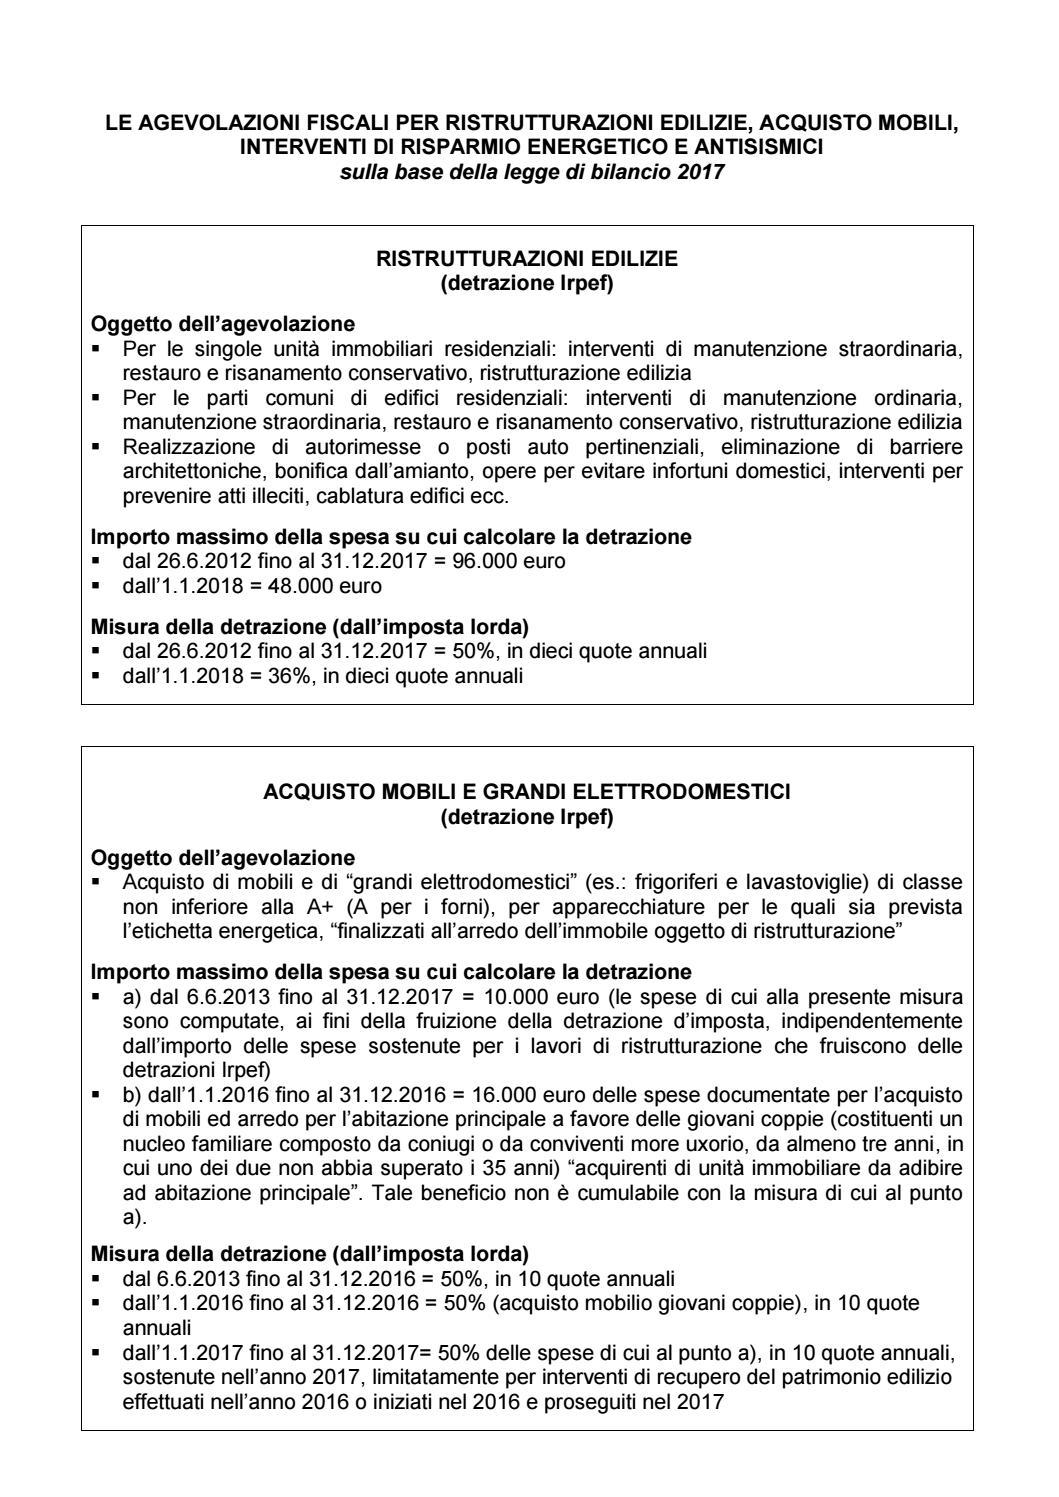 Detrazione per acquisto mobili bonus mobili entrate per for Acquisto mobili finanziamento tasso zero